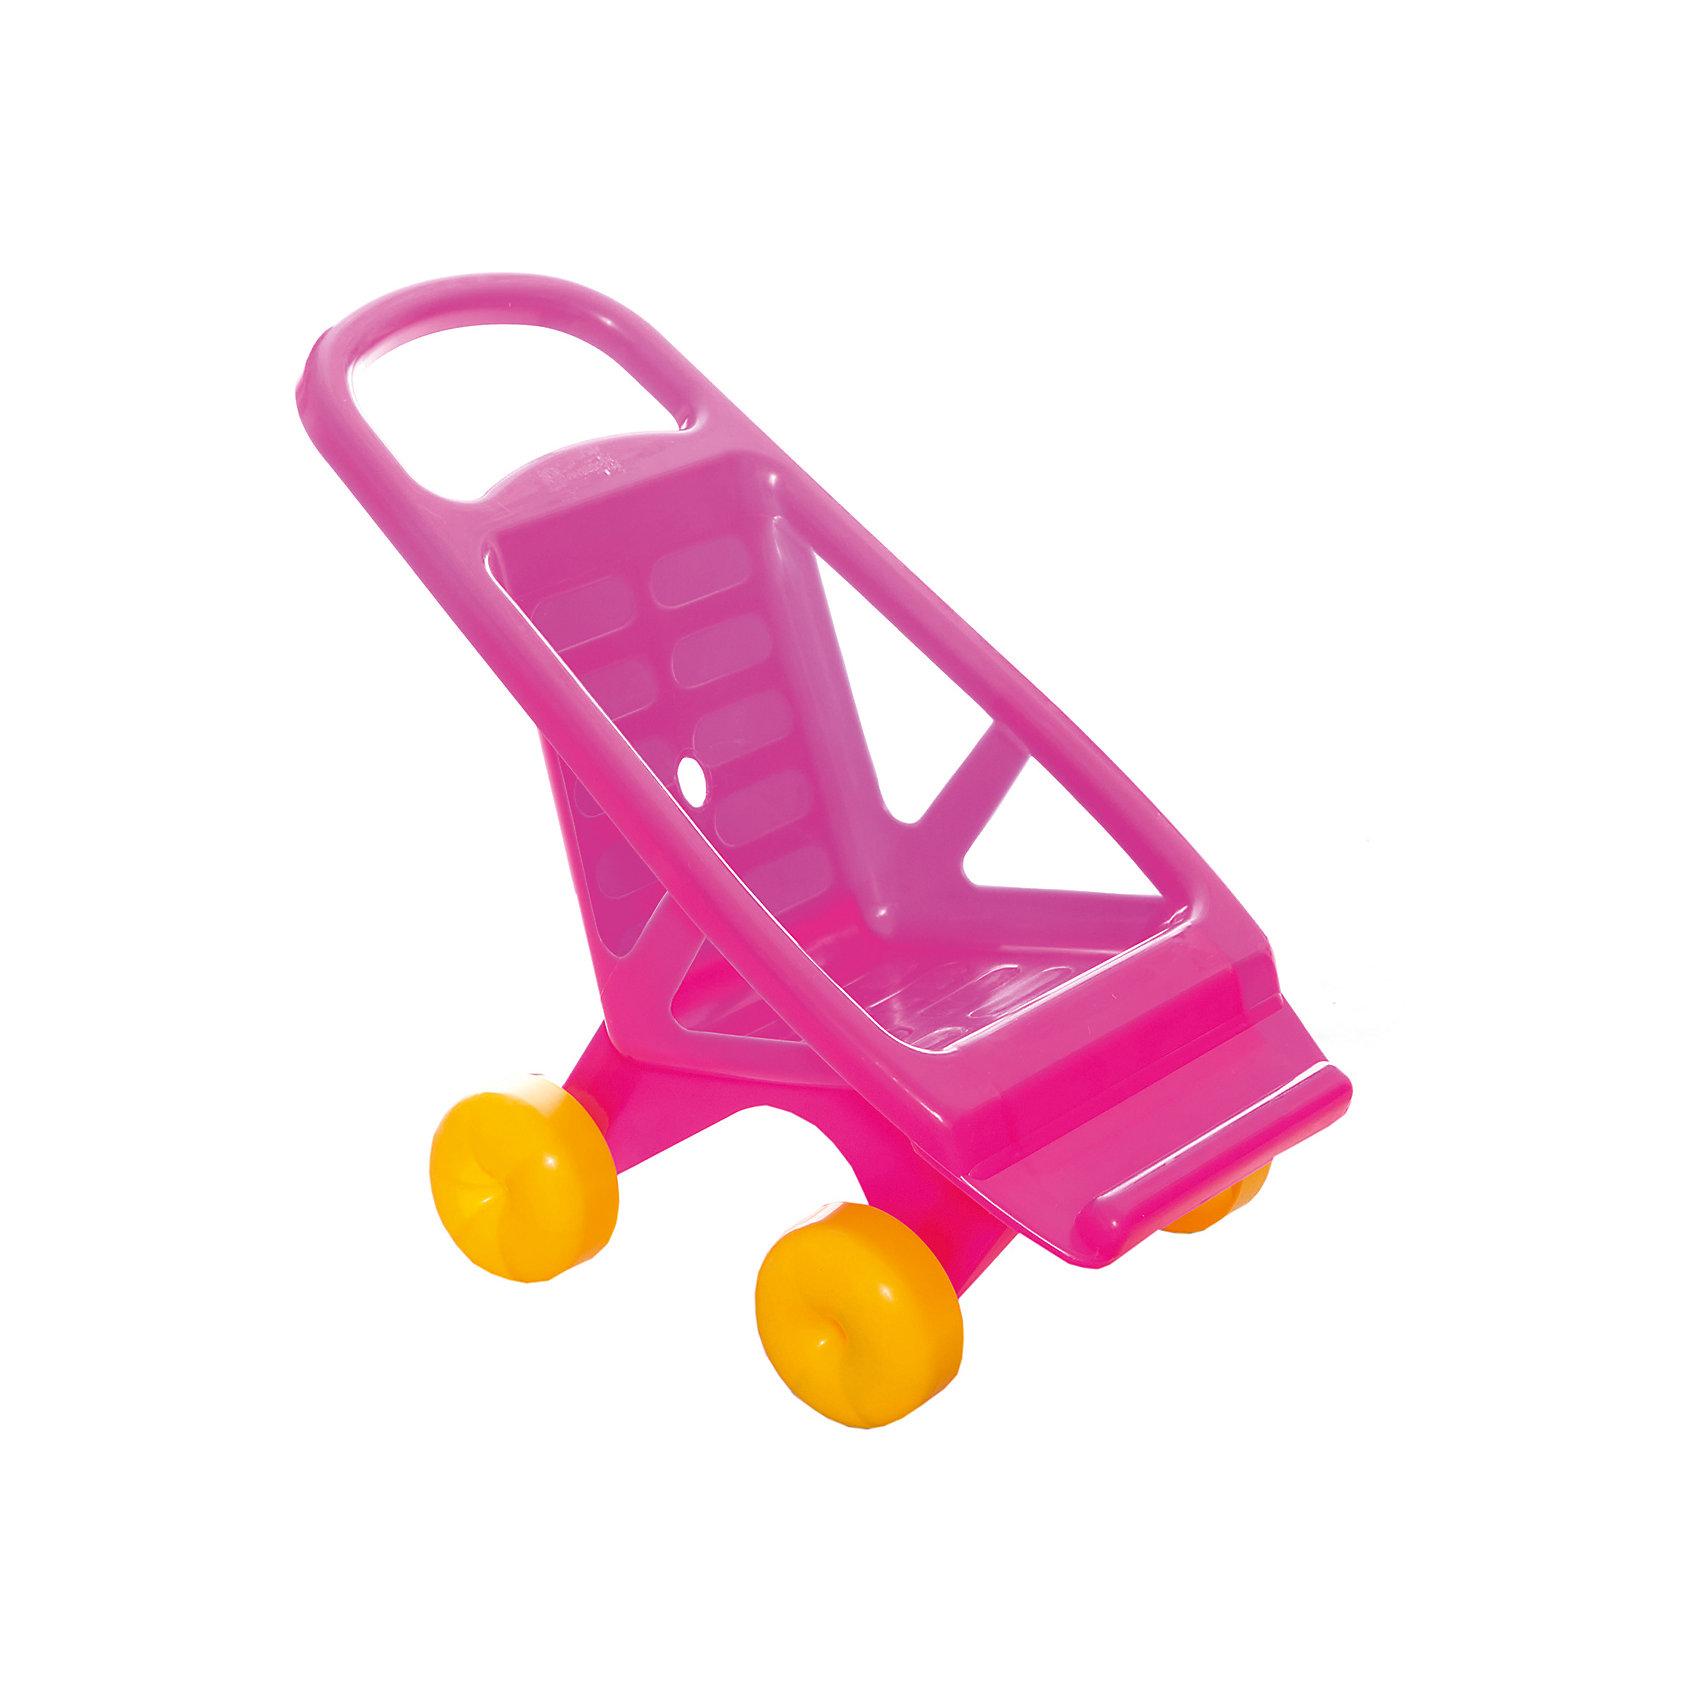 Коляска для кукол, СовтехстромКоляски и транспорт для кукол<br>Симпатичная пластиковая колясочка, в которой ваша малышка сможет возить своих кукол как дома, так и на улице.<br>Коляска выполнена в нежно-розовом цвете и имеет большие желтые колеса. Ручка каталки имеет закругленную форму, ее удобно держать в руках, а широкие бока коляски уберегут куколку от падения. К сидению закреплена широкая подножка.<br><br>Дополнительная информация:<br>Материал: пластмасса.<br>Размер упаковки: 48 х 44 х 28 см.<br><br>Коляску для кукол, Совтехстром можно купить в нашем интернет-магазине.<br><br>Ширина мм: 100<br>Глубина мм: 140<br>Высота мм: 700<br>Вес г: 800<br>Возраст от месяцев: 24<br>Возраст до месяцев: 84<br>Пол: Женский<br>Возраст: Детский<br>SKU: 4651481